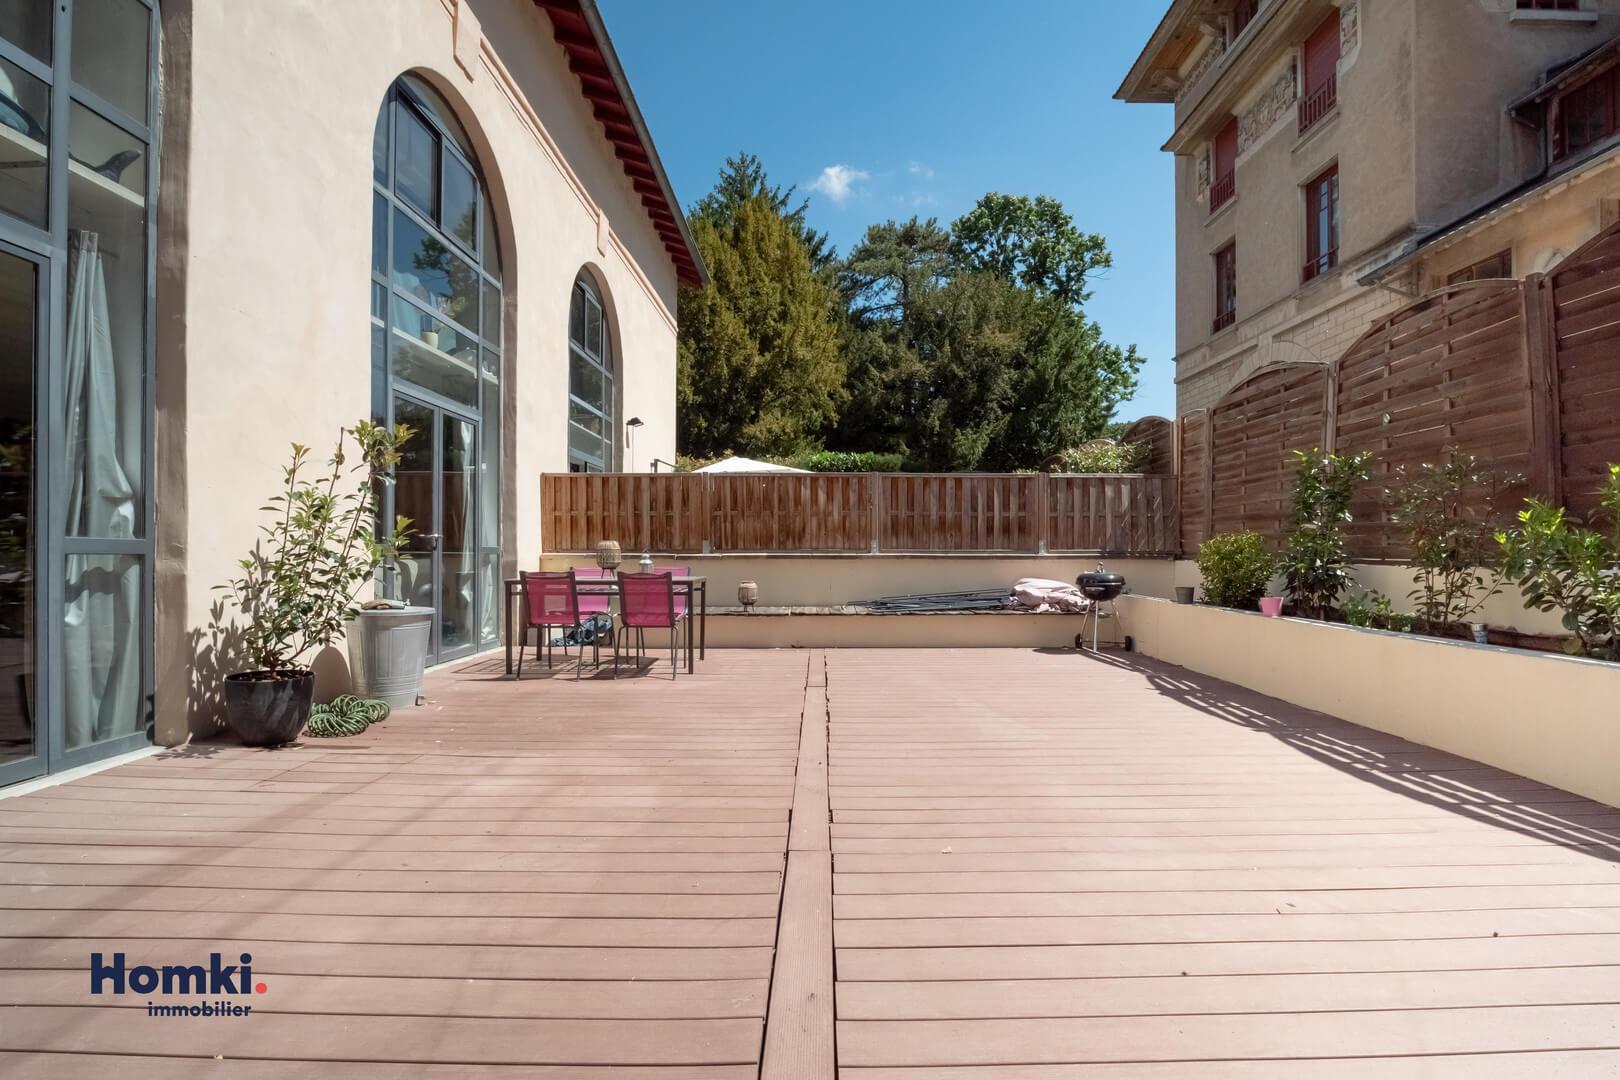 Homki - Vente appartement  de 91.0 m² à Saint-Germain-au-Mont-d'Or 69650